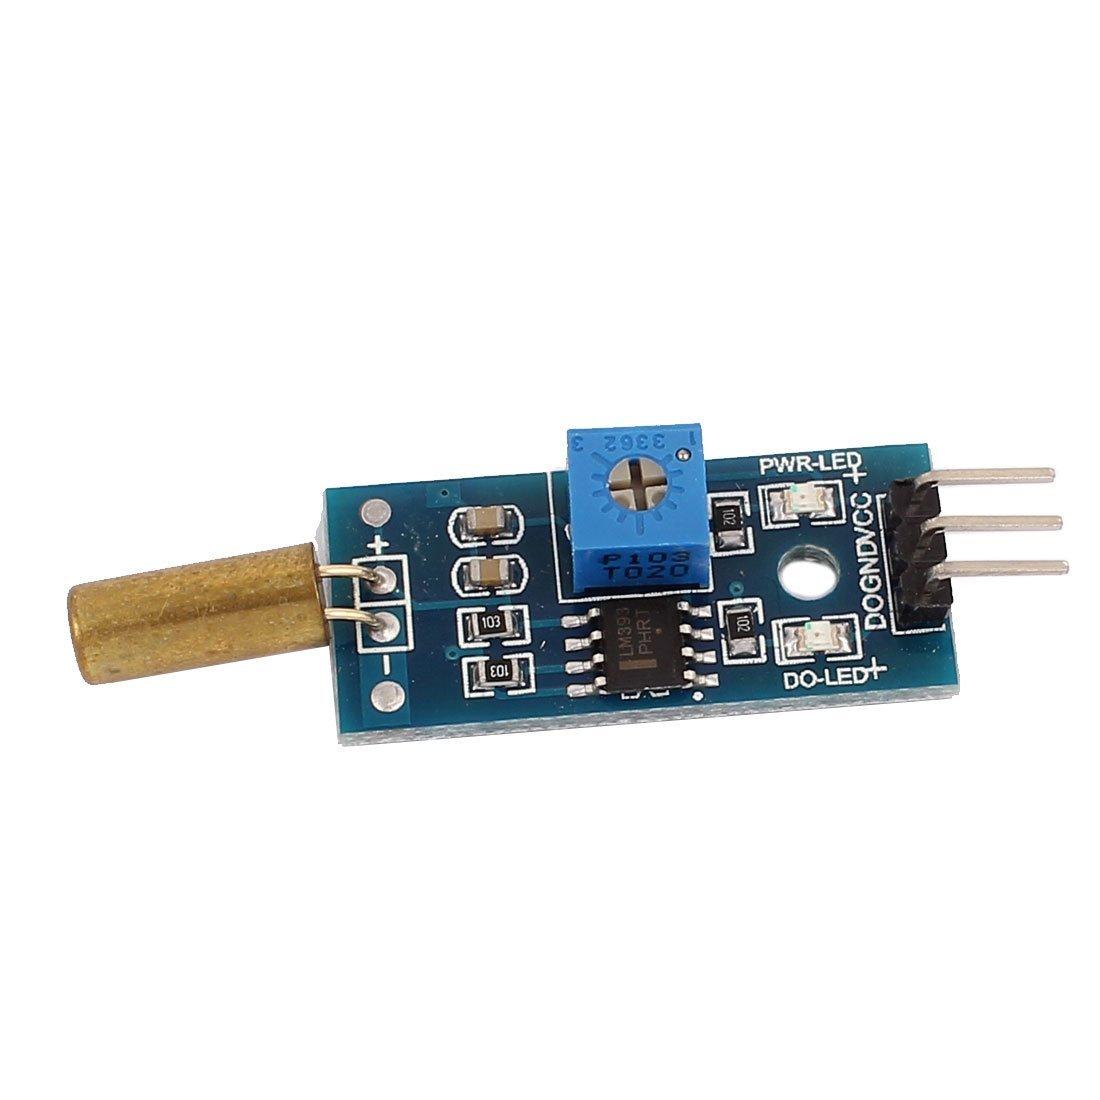 Amazon.com: eDealMax inclinación Medición de ángulo del módulo de conmutador Sensor 3.3-5V DC Detector DE 3 hilos Para Arduino: Industrial & Scientific